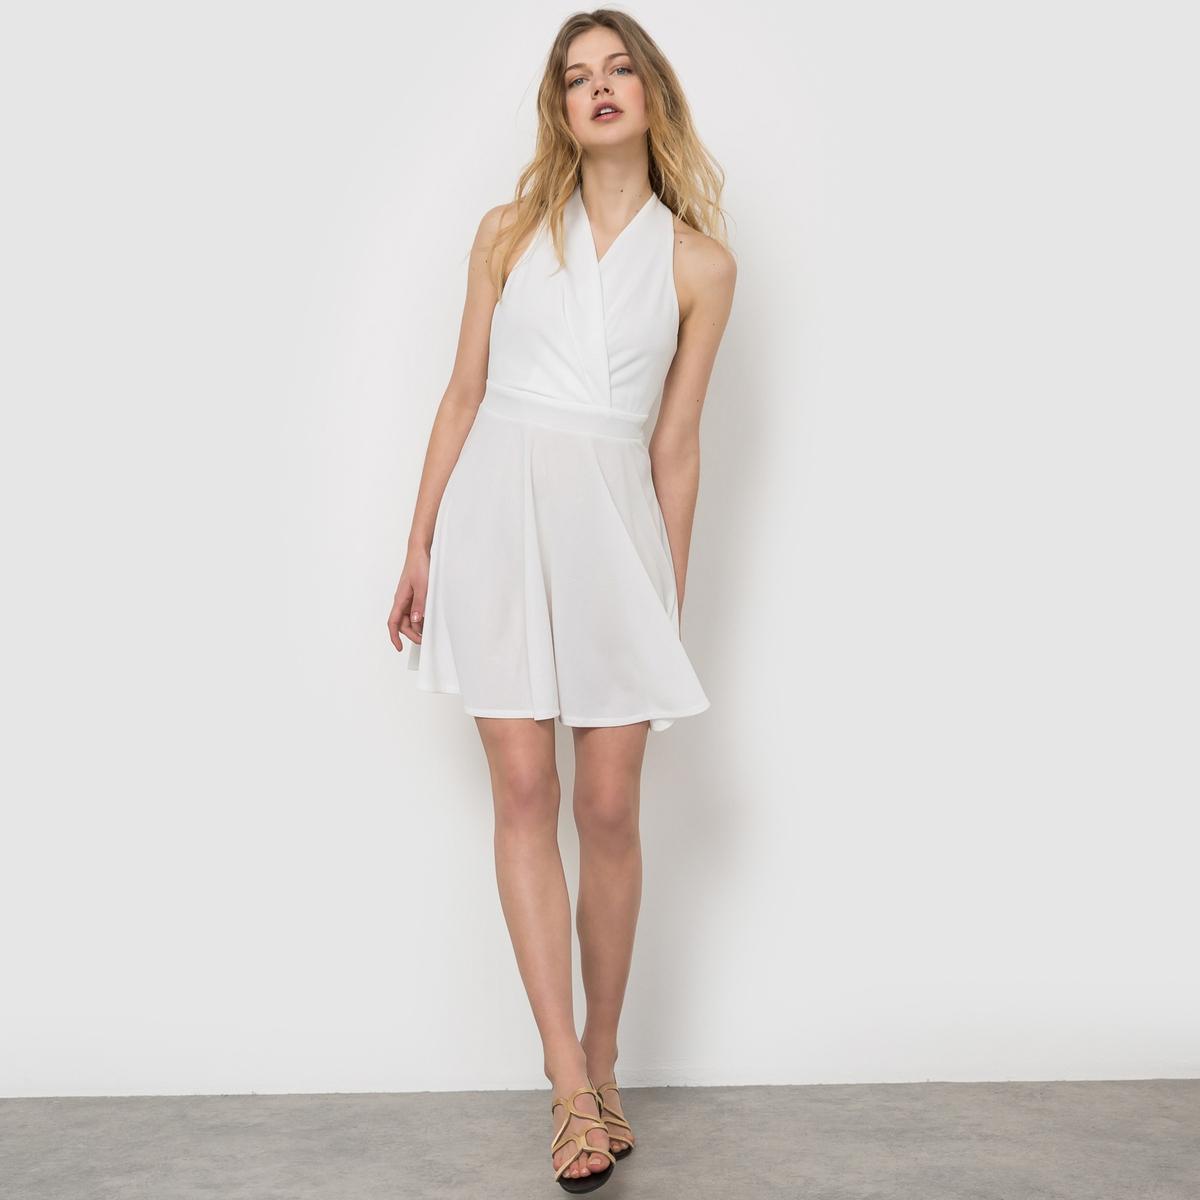 Платье с запахомСостав и описание      Материал: 100% полиэстера     Марка MOLLY BRACKEN<br><br>Цвет: белый<br>Размер: M